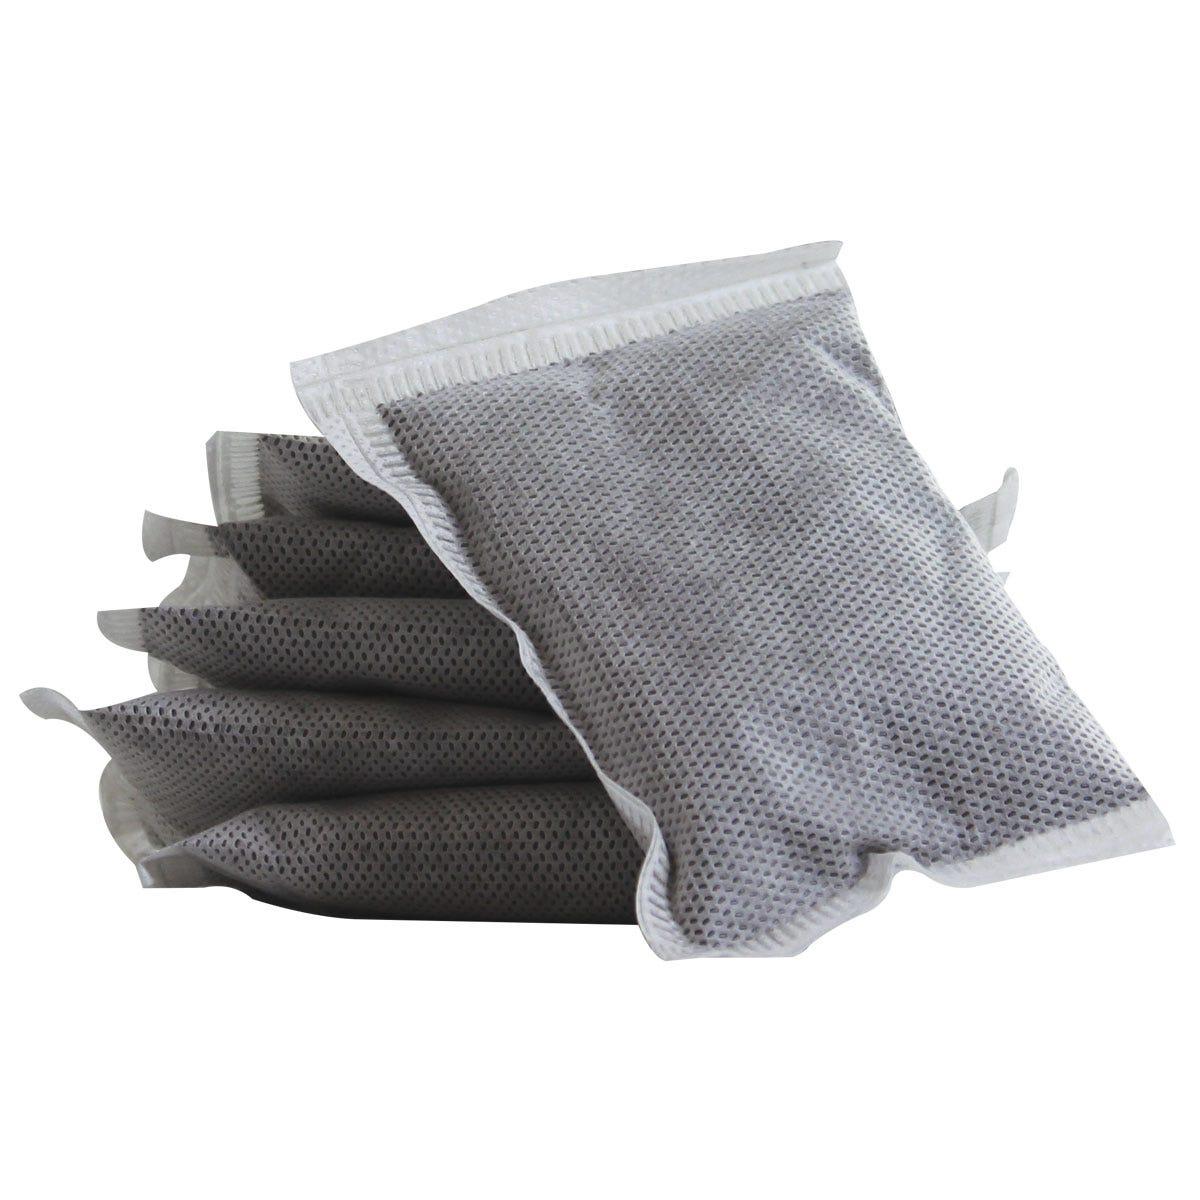 https://googone.com/media/catalog/product/s/h/shoe-odor-eliminator_bags.jpg